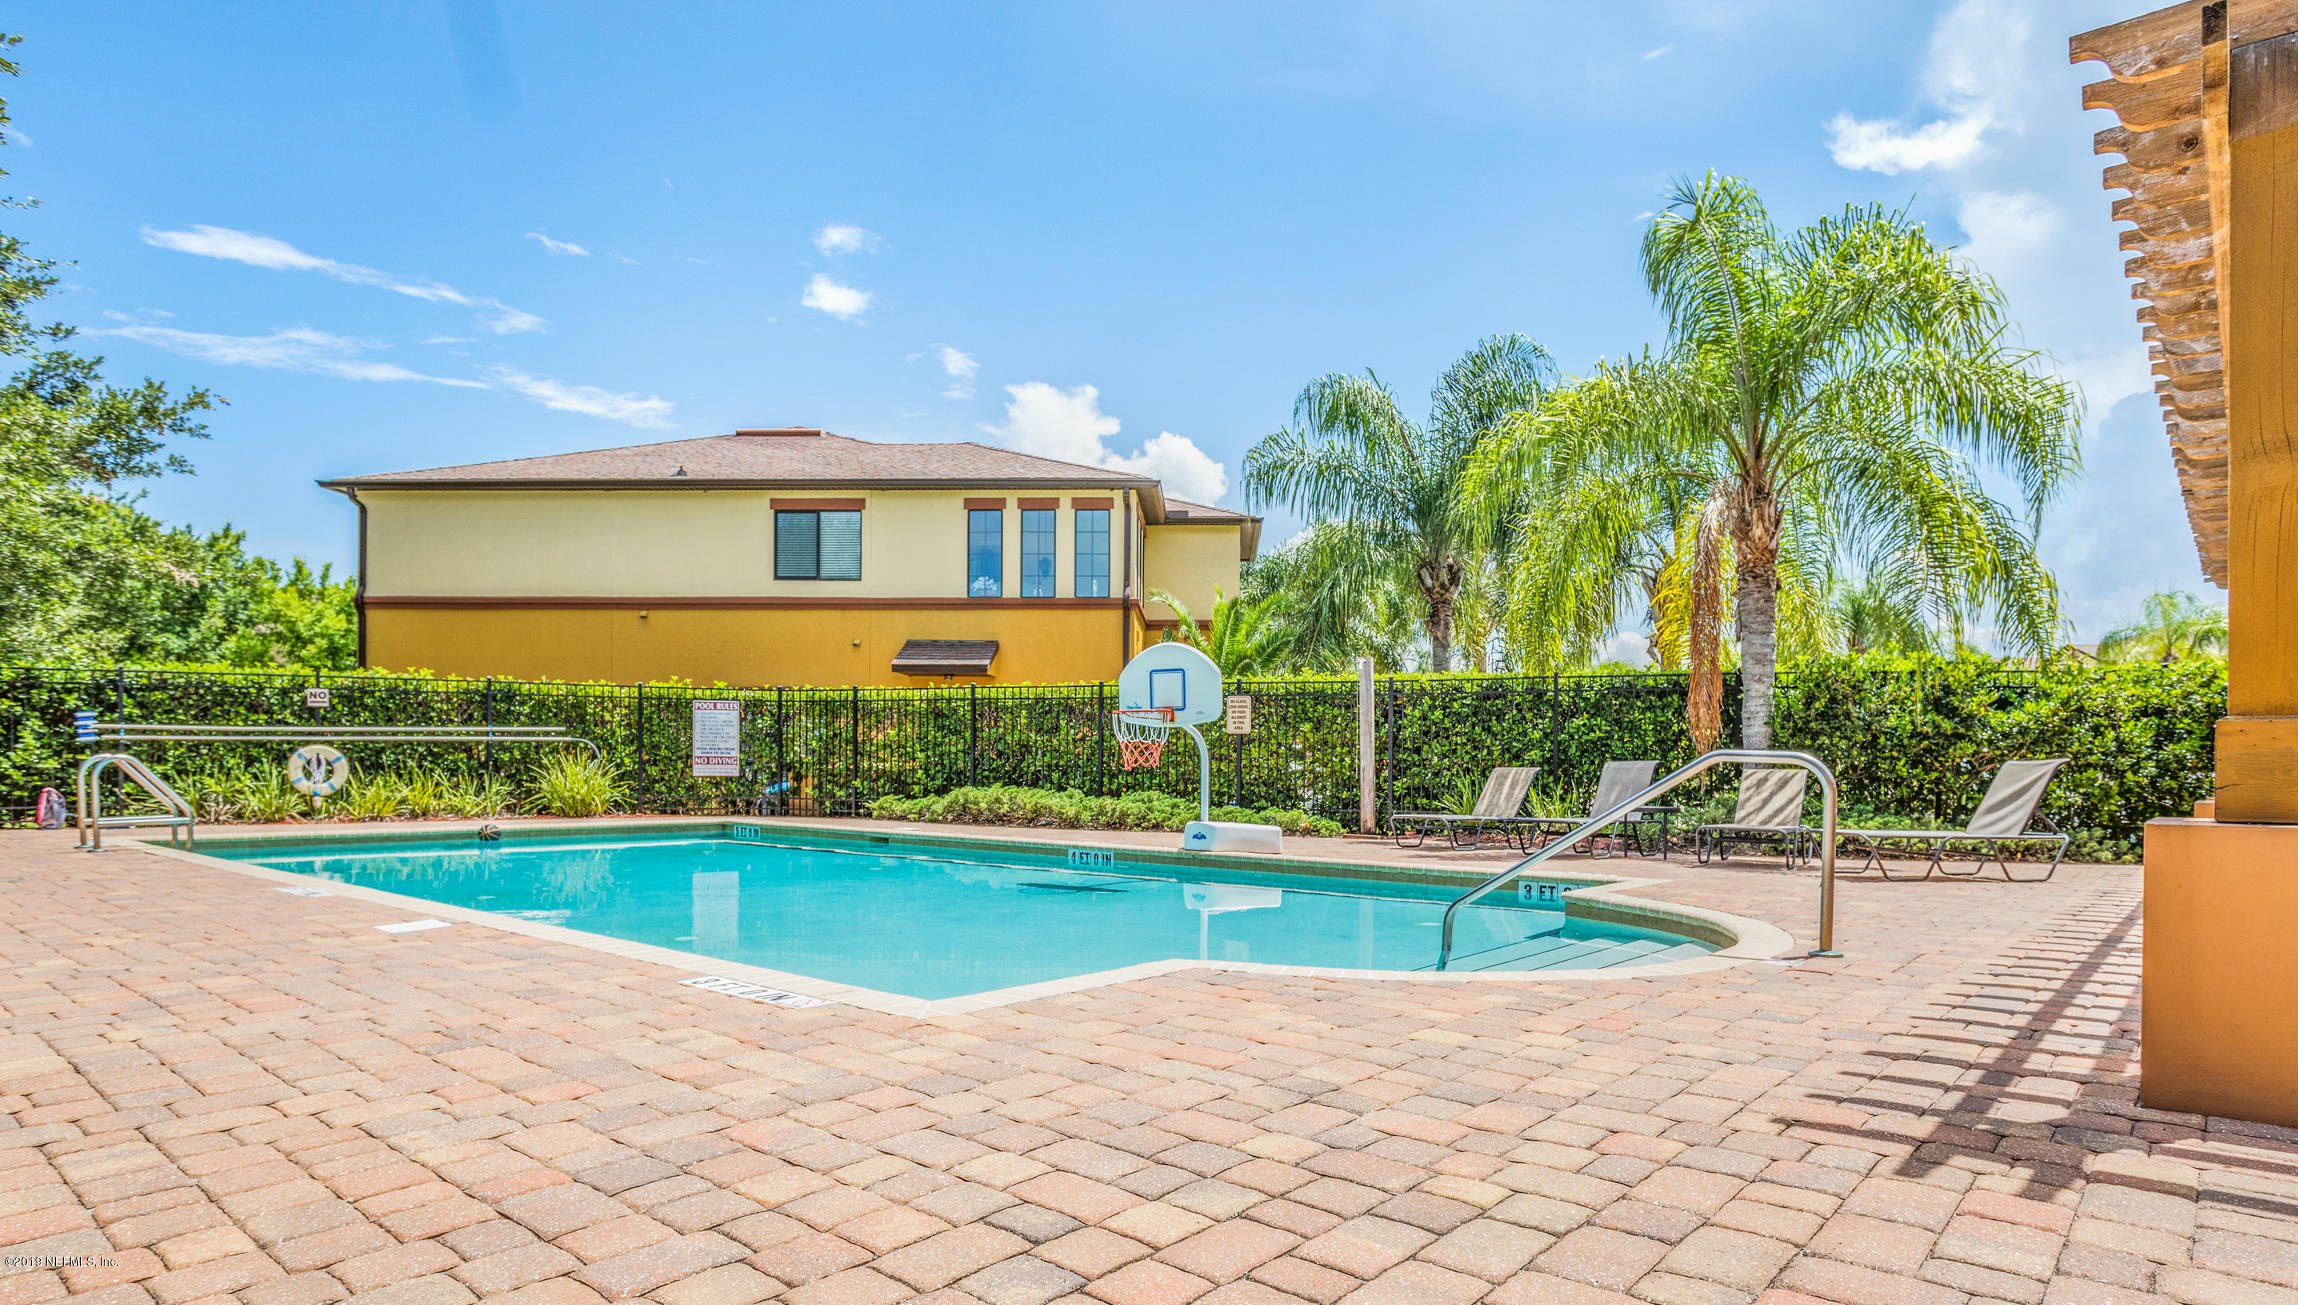 6 RACHEL, ST AUGUSTINE, FLORIDA 32080, 2 Bedrooms Bedrooms, ,2 BathroomsBathrooms,Condo,For sale,RACHEL,1007959